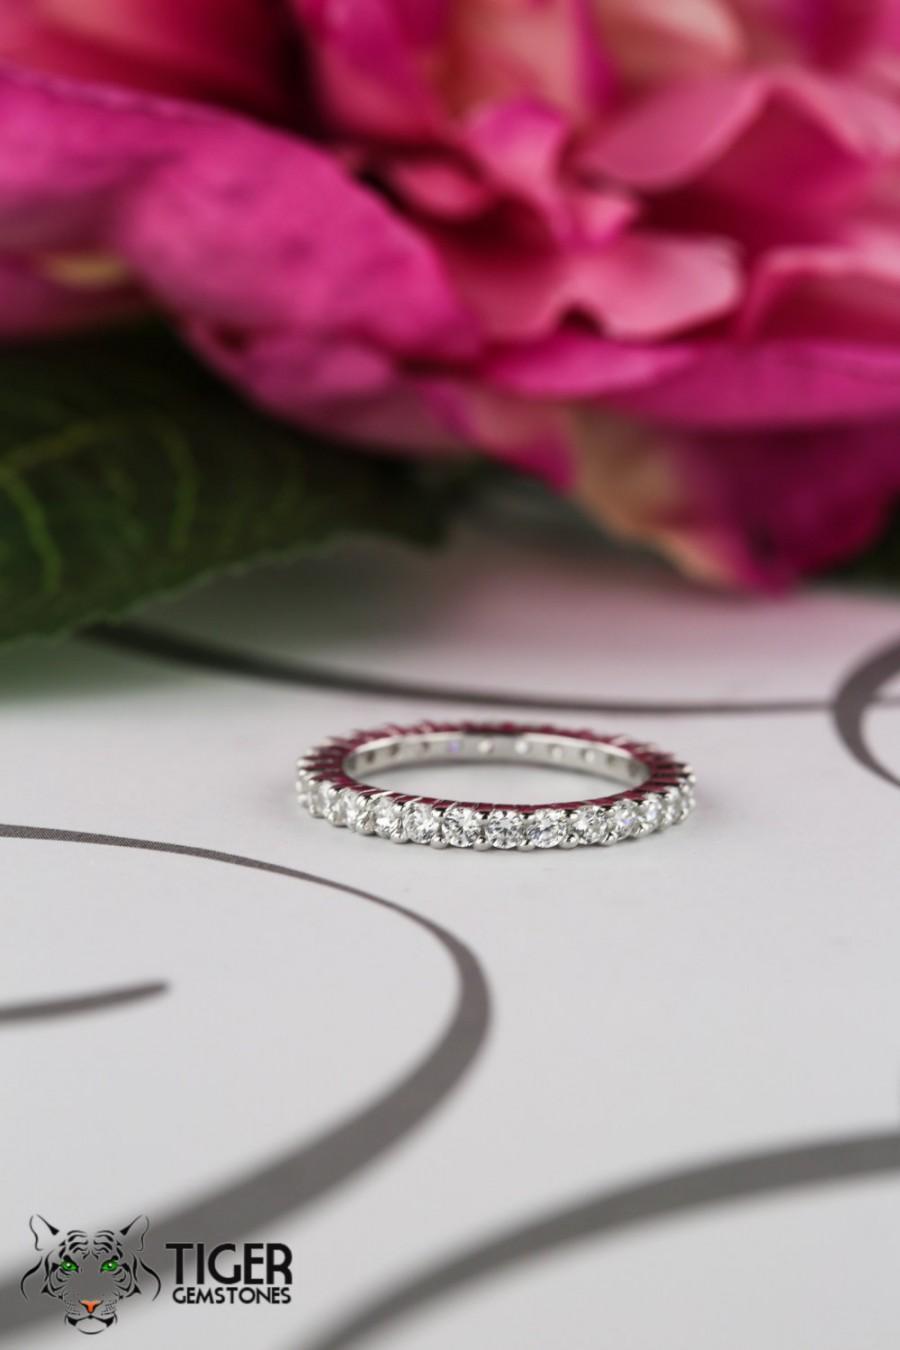 زفاف - 1 ctw Eternity Band, 2mm Wedding Band, Engagement Ring, Man Made Diamond Simulant, Bridal Ring, Sterling Silver, Promise Ring, Stacking Ring